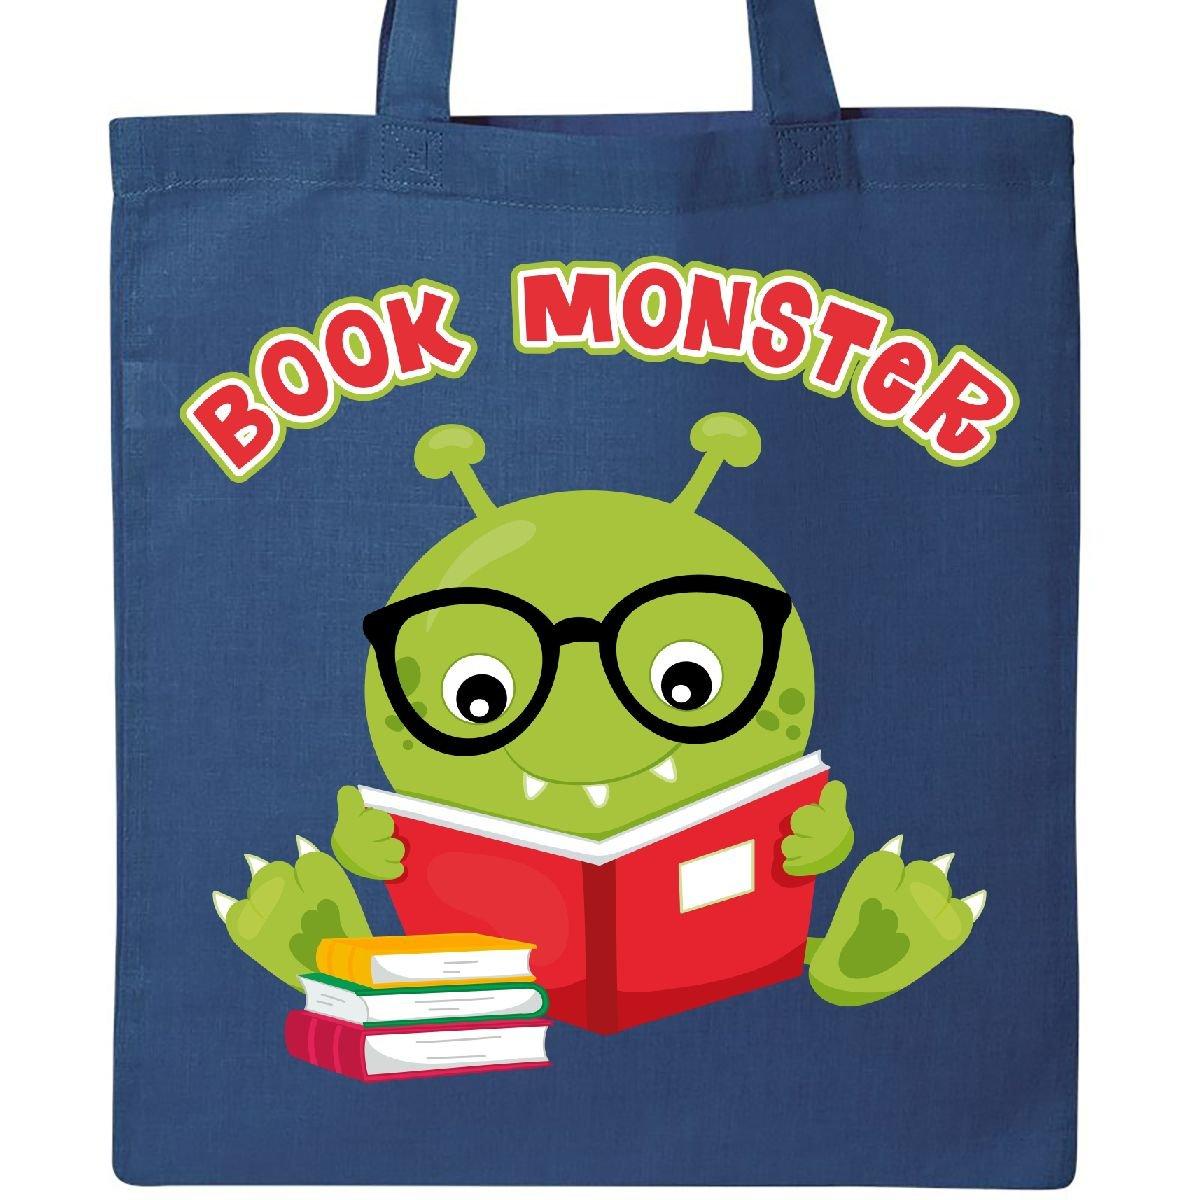 Inktastic Book Monster Boyトートバッグ One Size ブルー  ロイヤルブルー B074T1B2VC